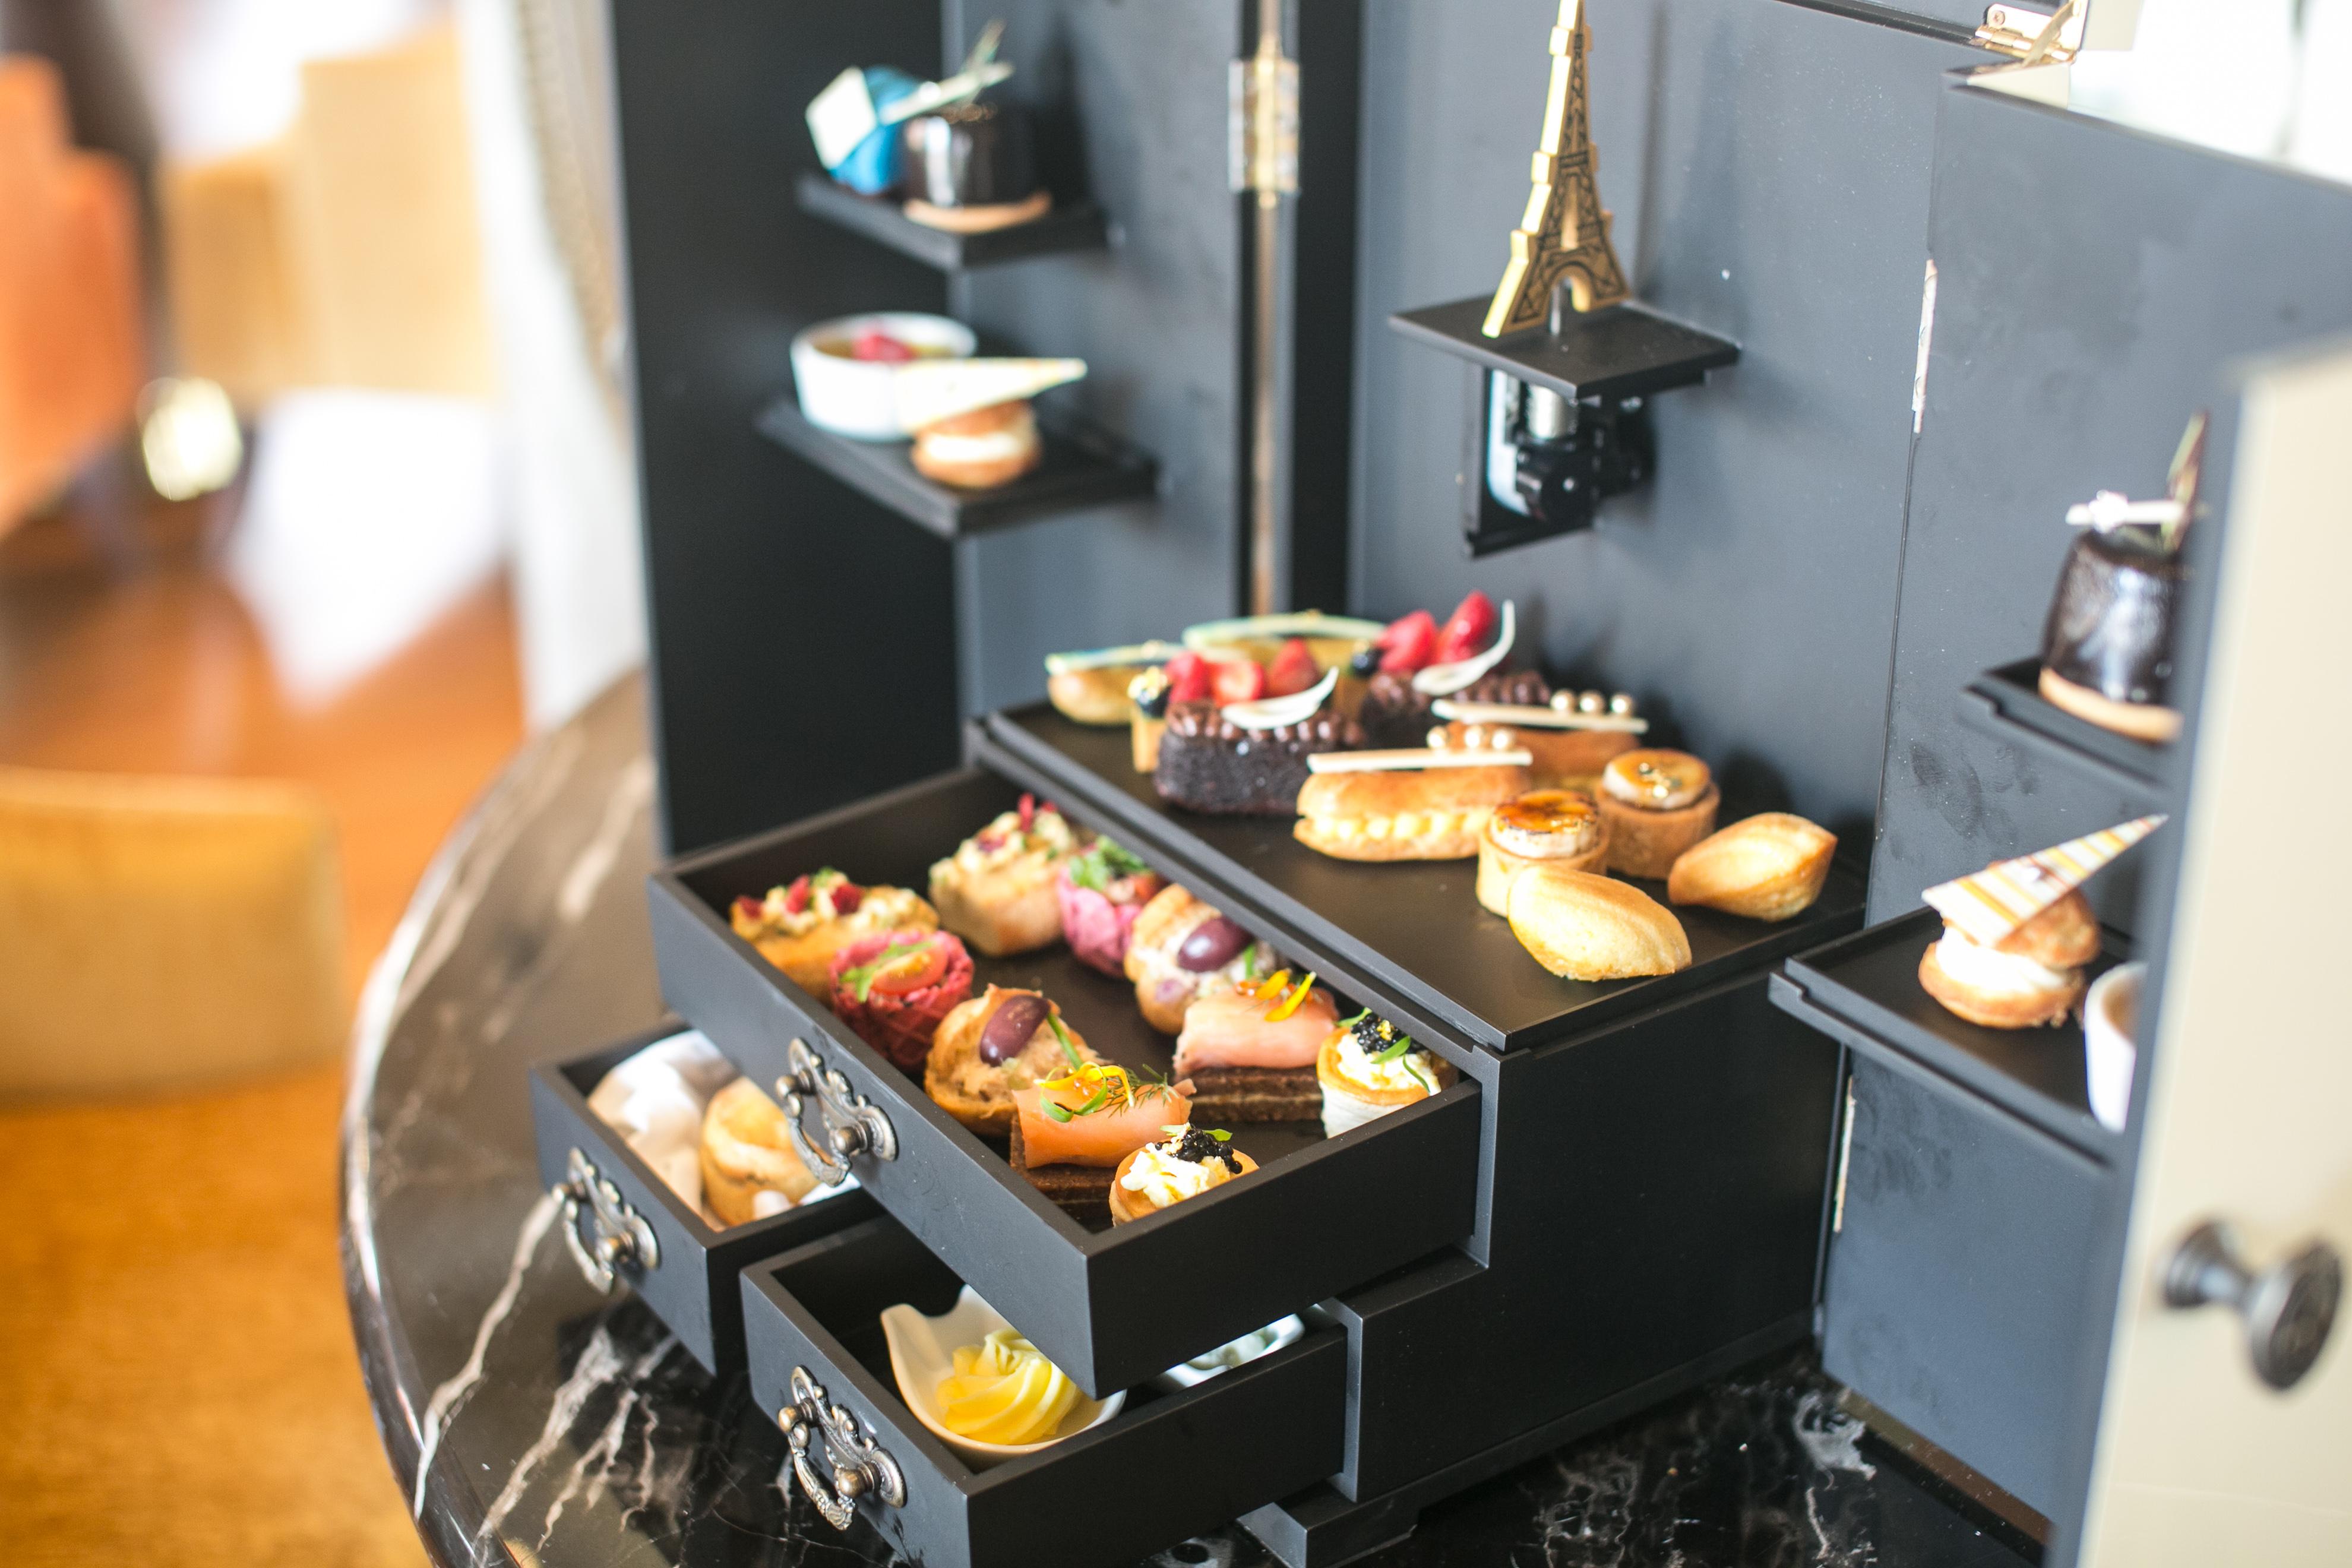 【潮 ‧ 食】來一頓法式悠閒!│包五星級Sofitel Sentosa @ Le Bar法式下午茶2人套餐│新加坡自由行套票3-31天